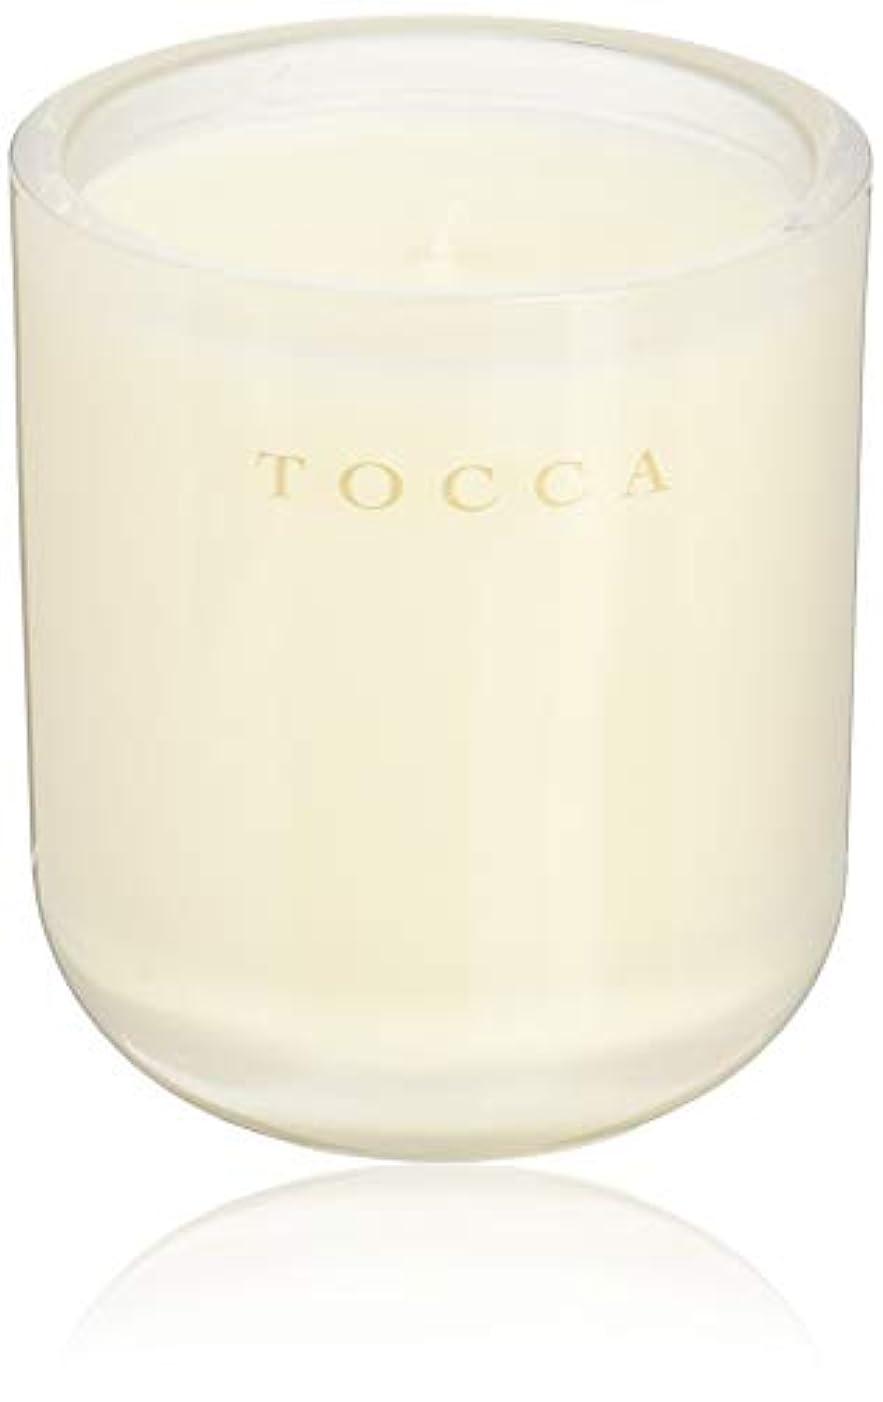 位置づける適格キャプテンブライTOCCA(トッカ) ボヤージュ キャンドル ボラボラ 287g (ろうそく 芳香 バニラとジャスミンの甘く柔らかな香り)